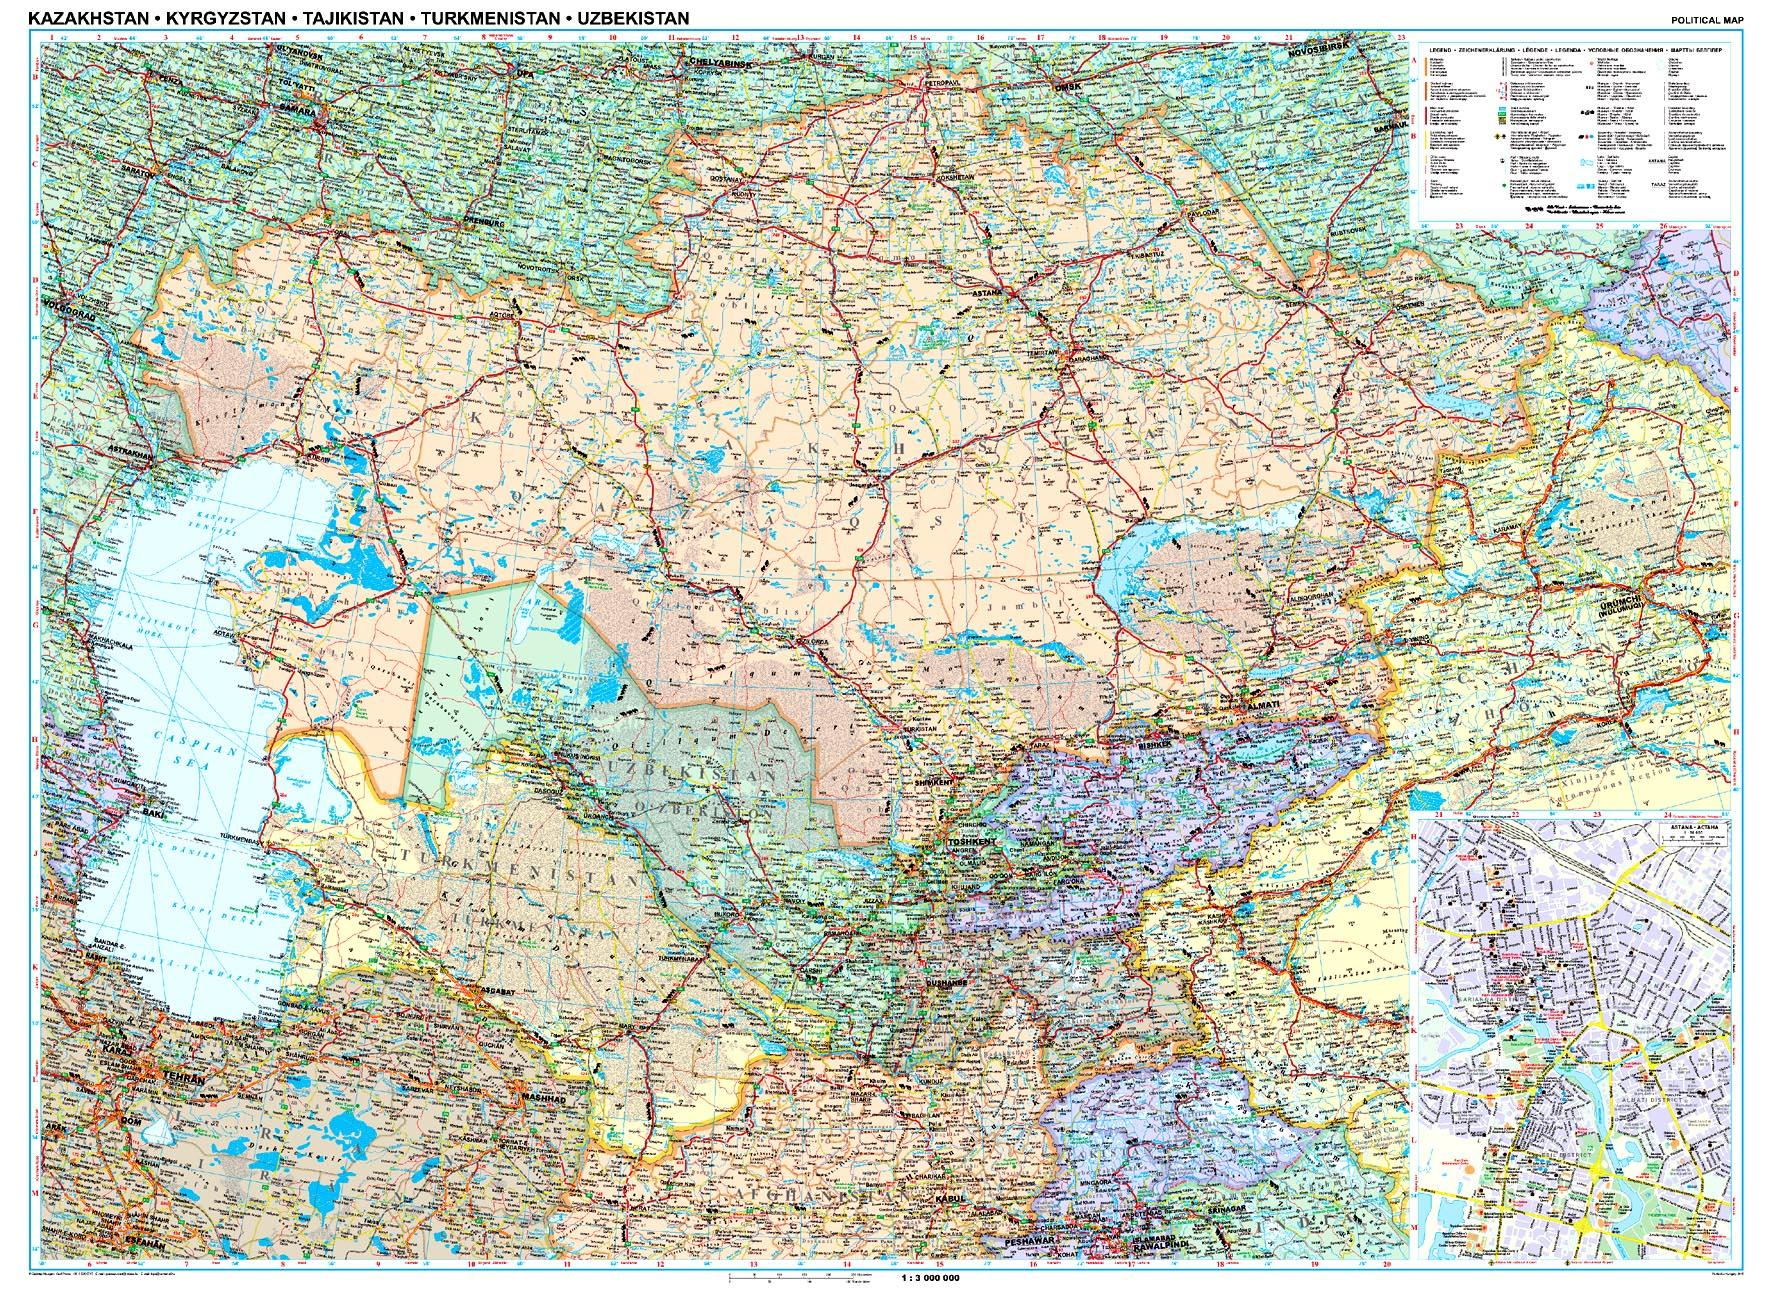 Kazahsztán poitikai térképe által lefedett terület